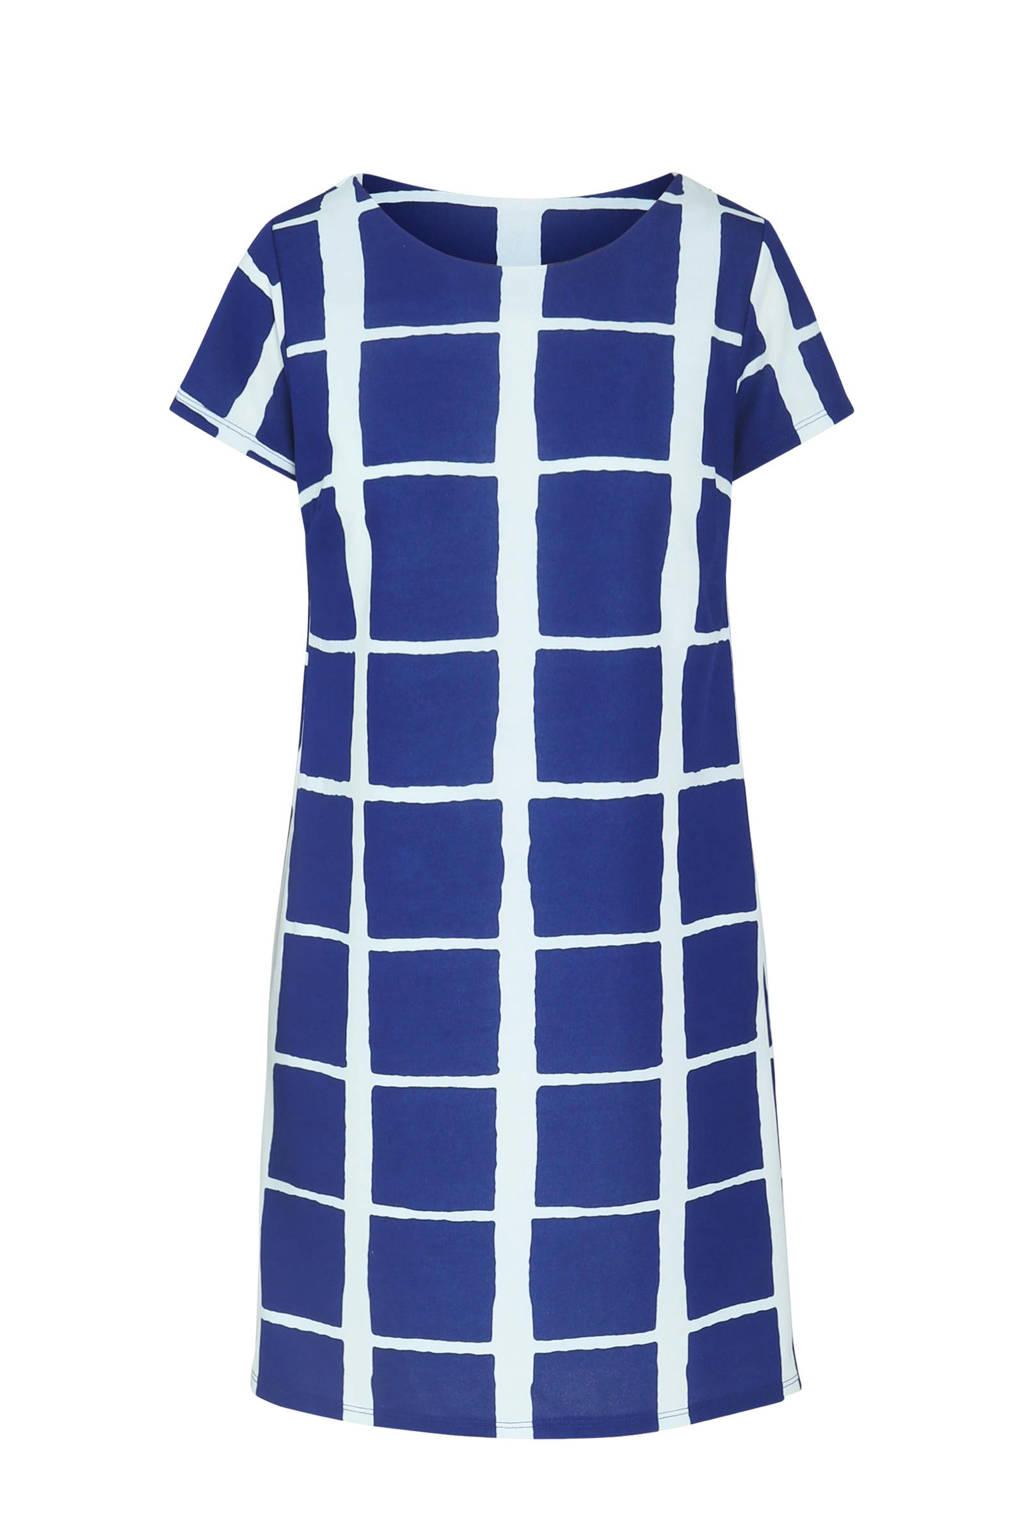 Cassis geruite A-lijn jurk blauw/wit, Blauw/wit